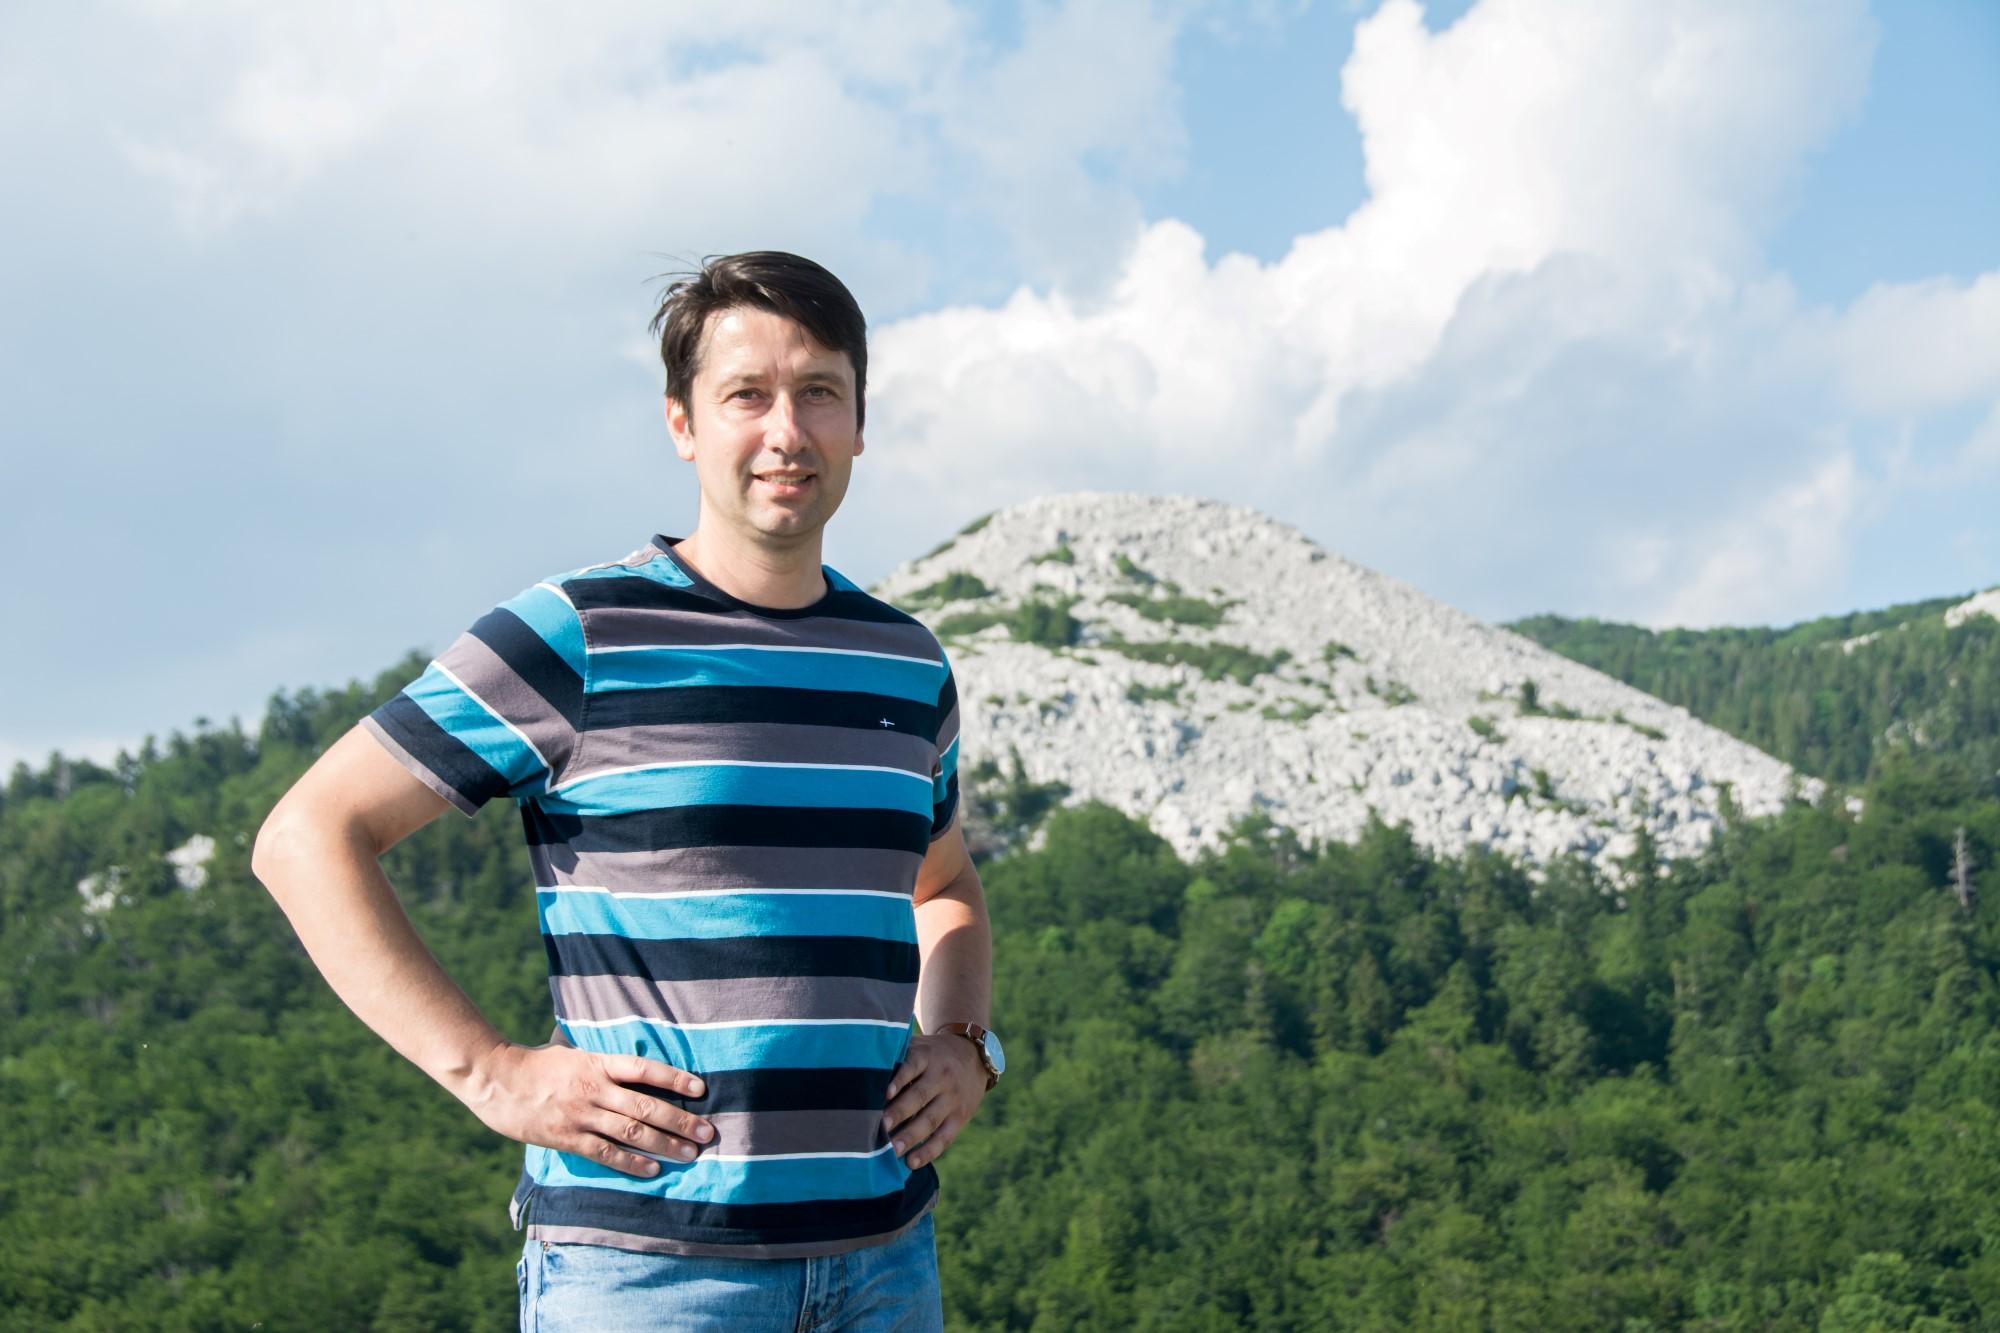 Marčelja: Planinarski dom Hahlić biti će isključivo u rukama planinara